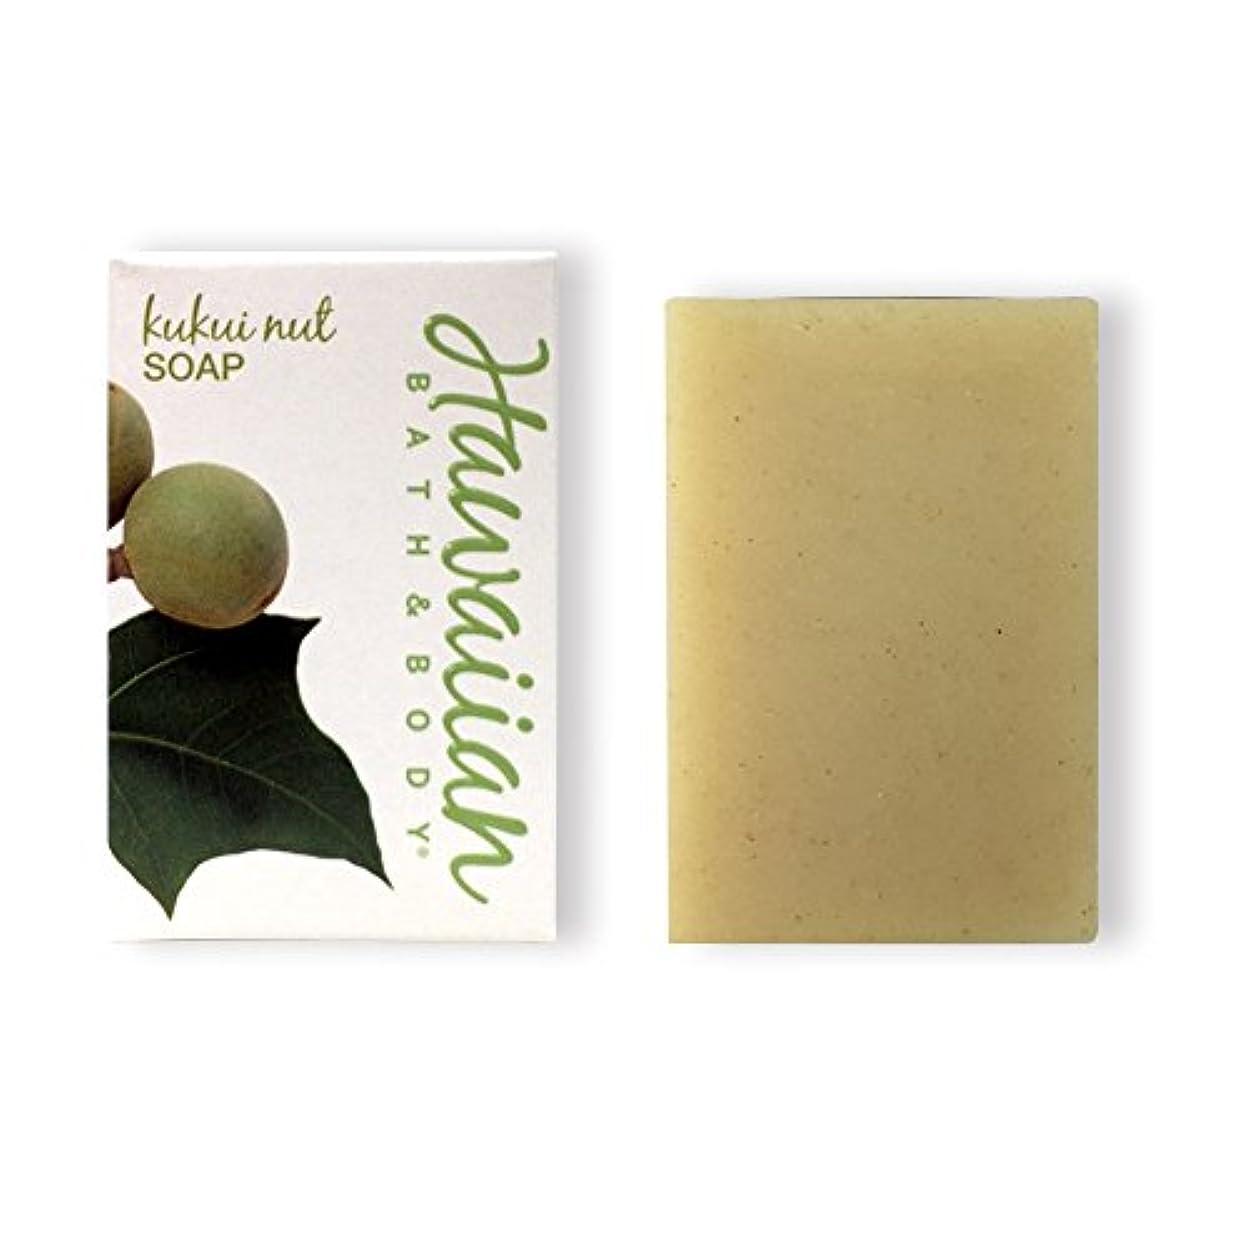 仕事に行くジョージバーナード尽きるハワイアンバス&ボディ ククイナッツドリームソープ(無香料)( Kukui Nut Soap)